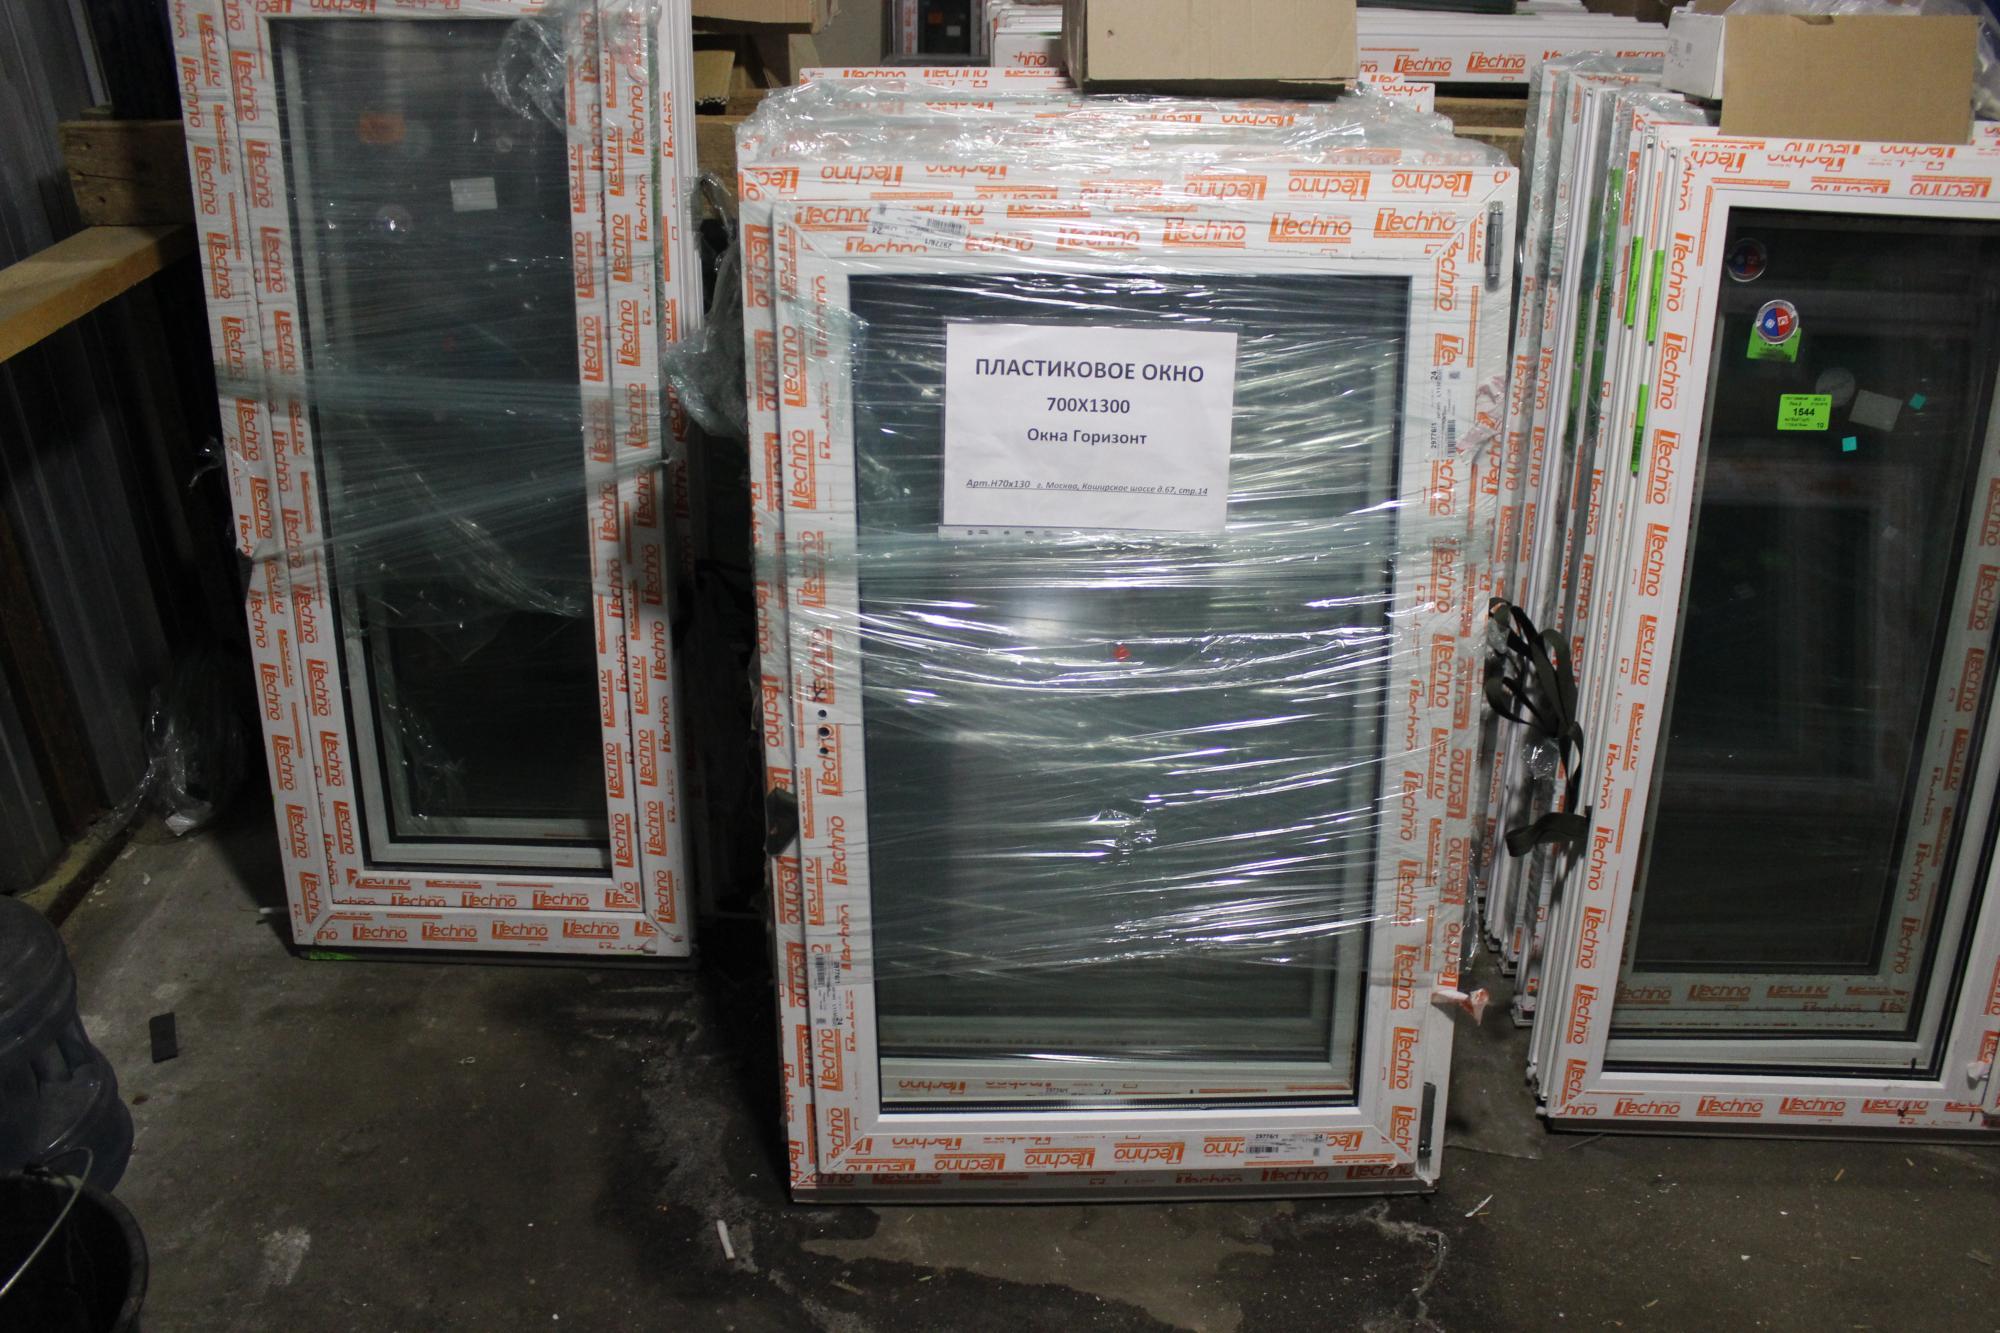 Готовое окно одностворчатое 700x1300 (ШxВ) в Москве 89253899134 купить 2